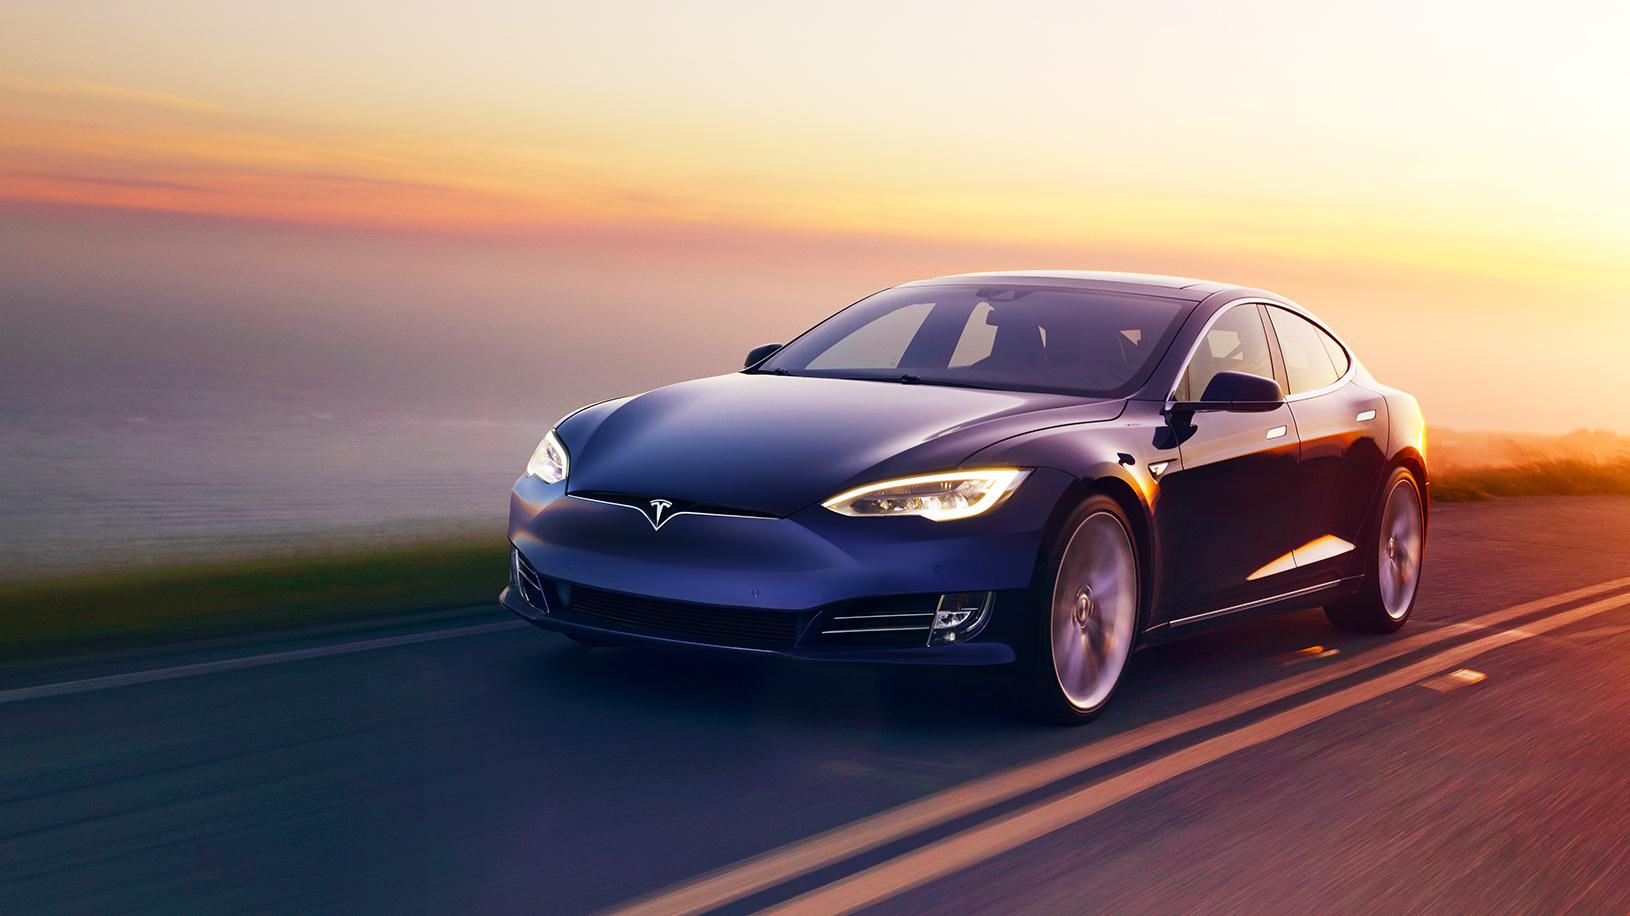 Sehr empfehlenswert: Die Tesla-Autos